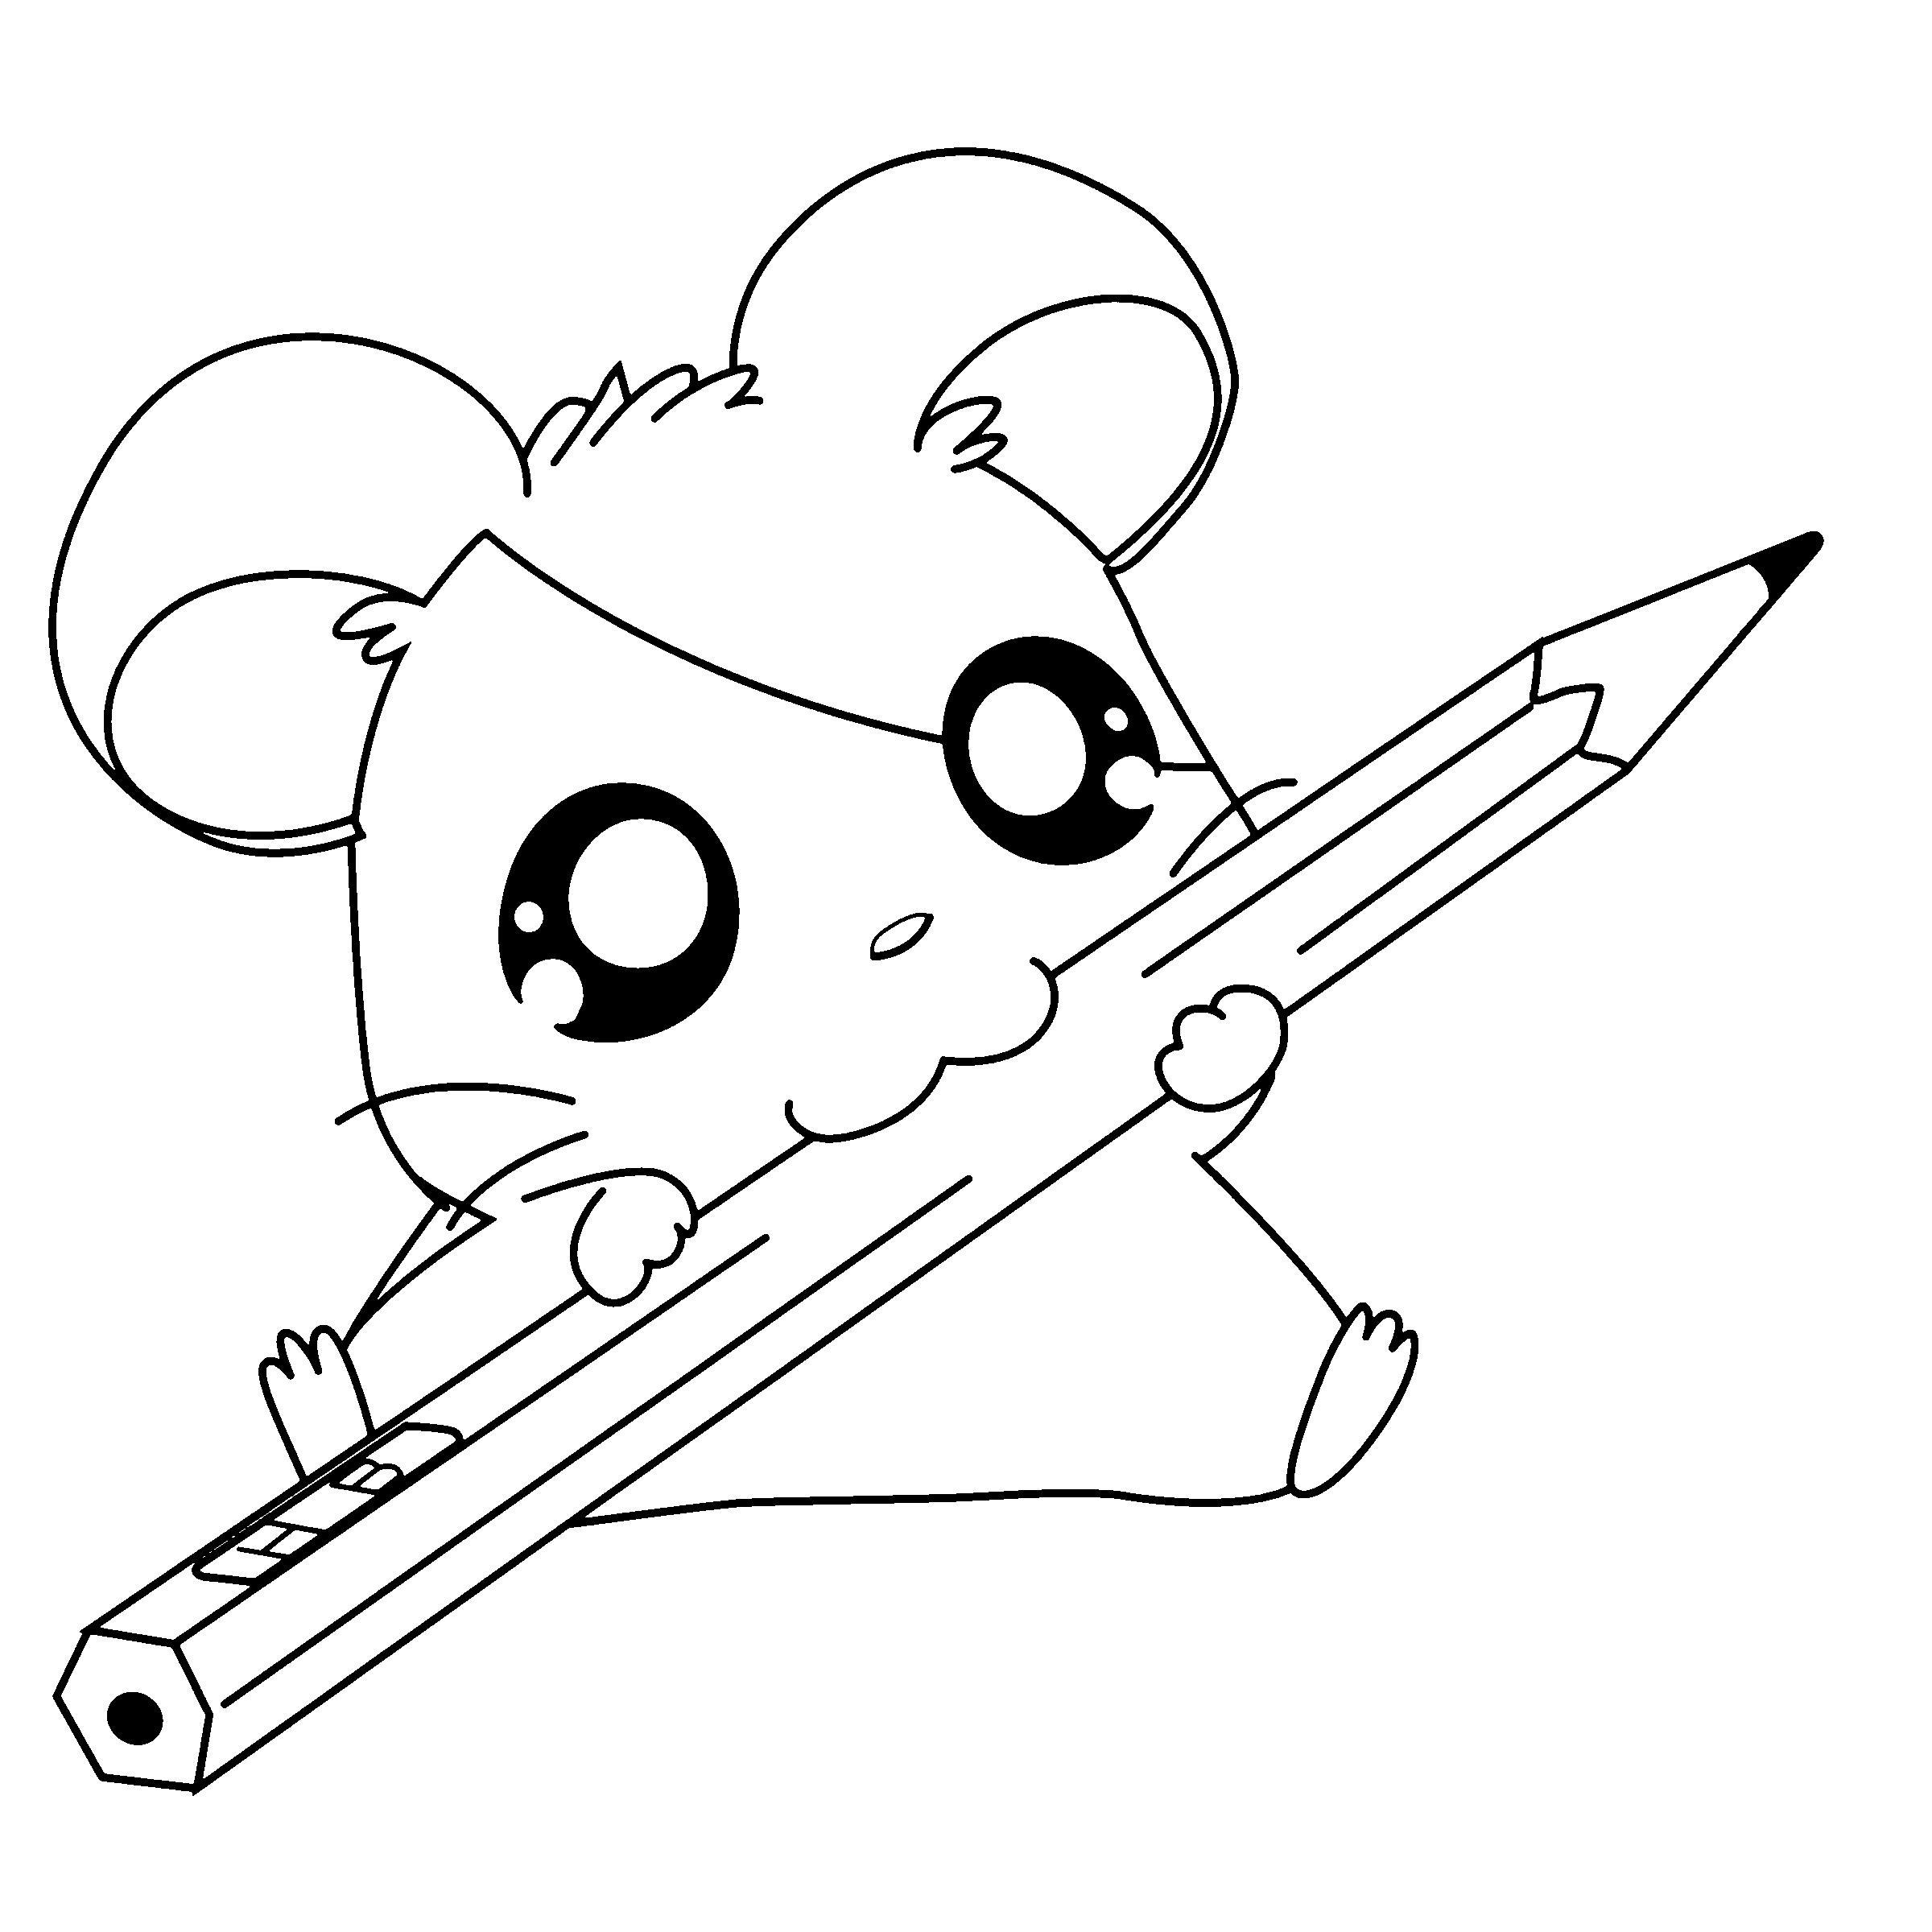 Милый мышонок с большими глазами, с карандашом Раскраски для девочек распечатать